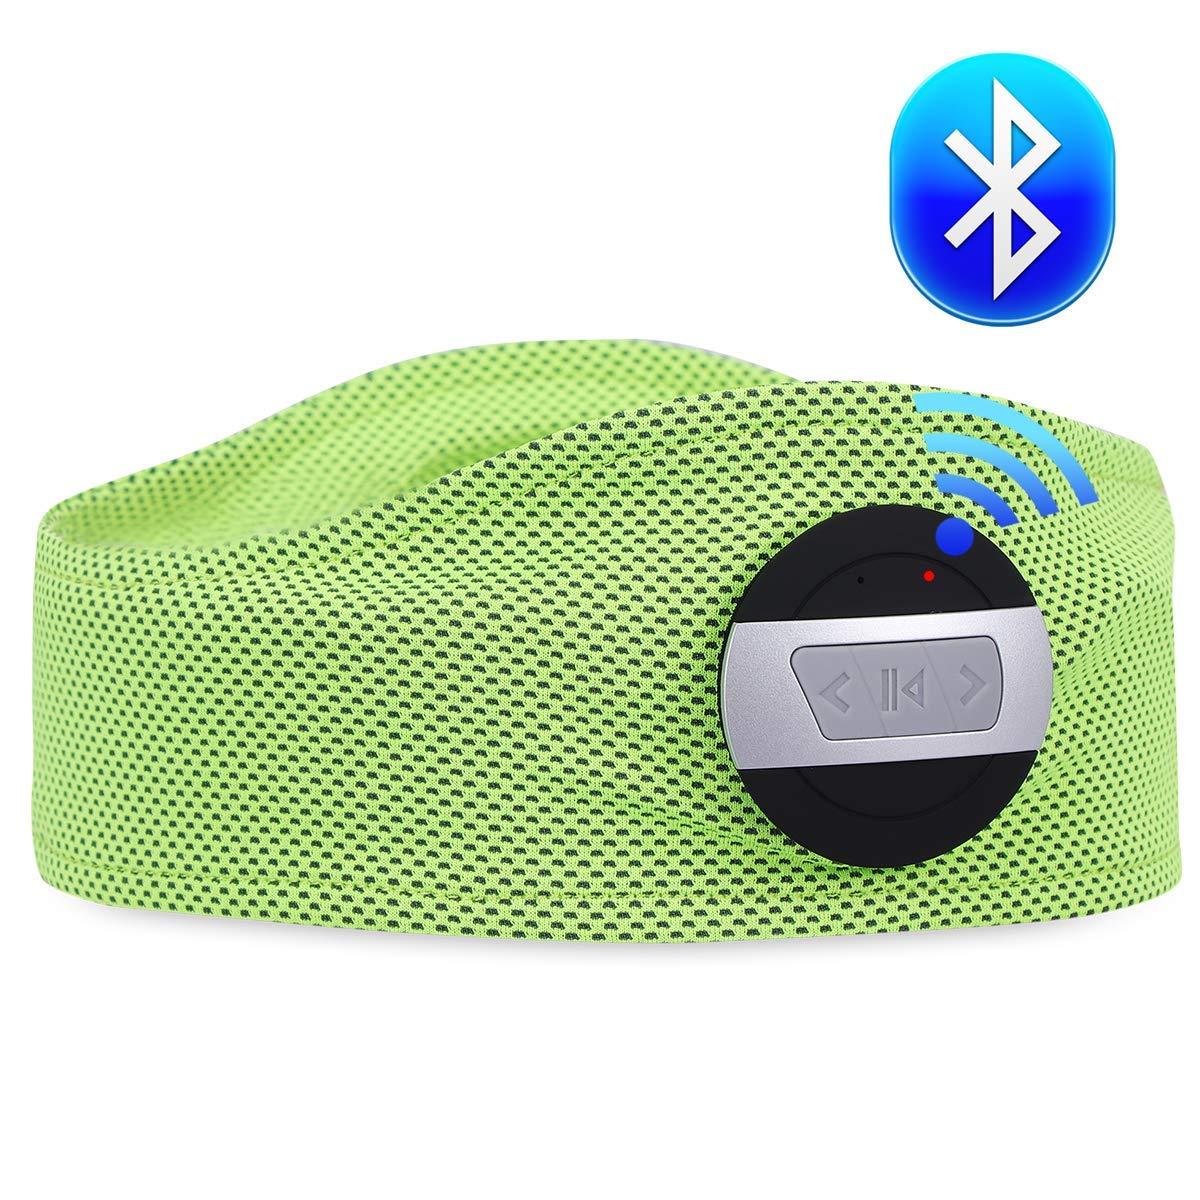 PinPle スポーツヘッドフォン ワイヤレス ステレオ Bluetooth ヘッドセット ハンズフリー ヘッドフォン ヘッドセット ジム フィットネス エクササイズ アウトドア スポーツ グリーン PinPle  グリーン B07PHFHGMM